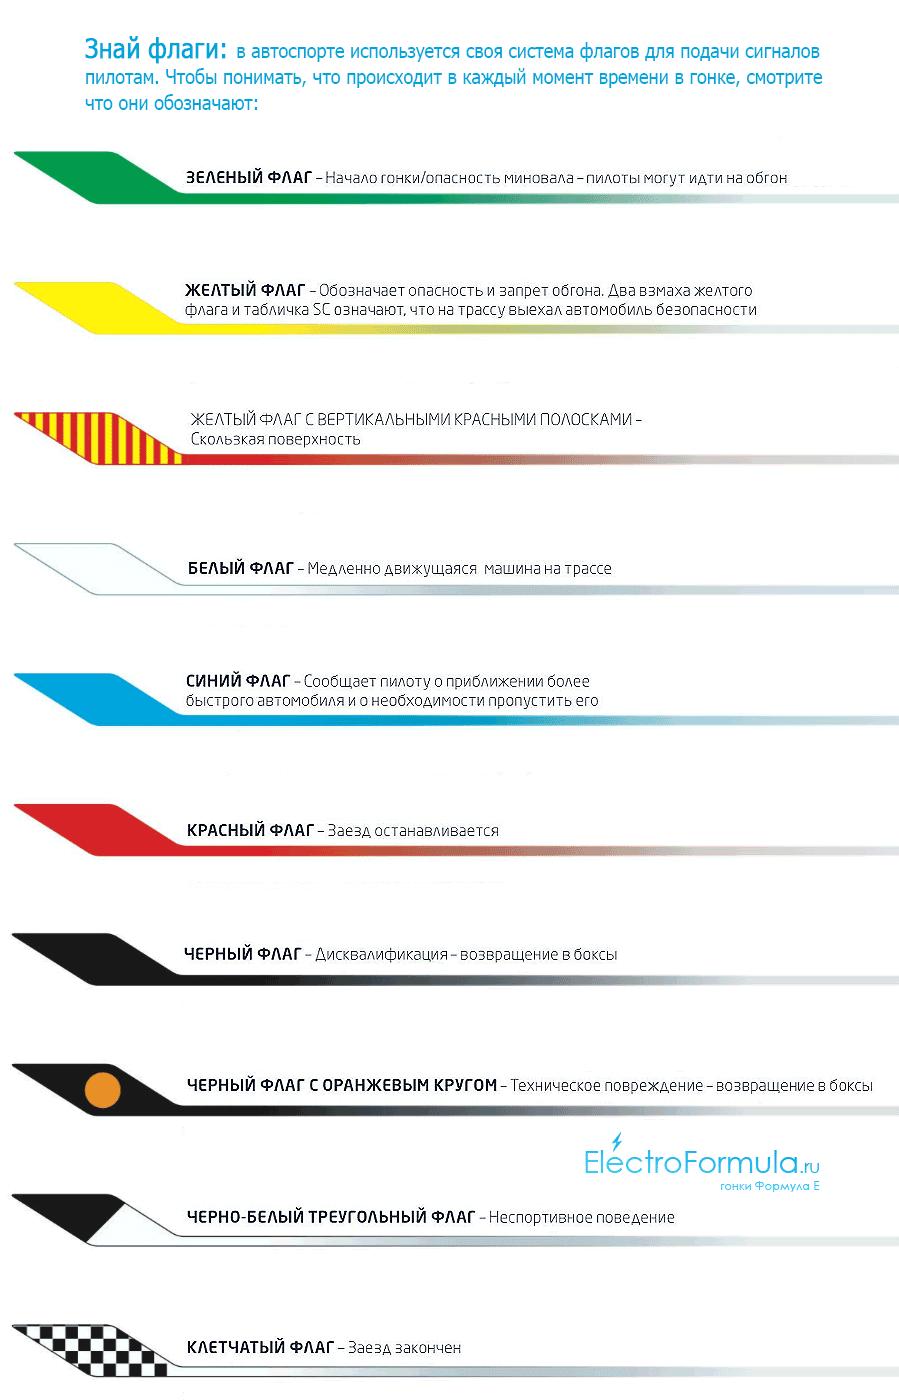 Система флагов в Формуле Е